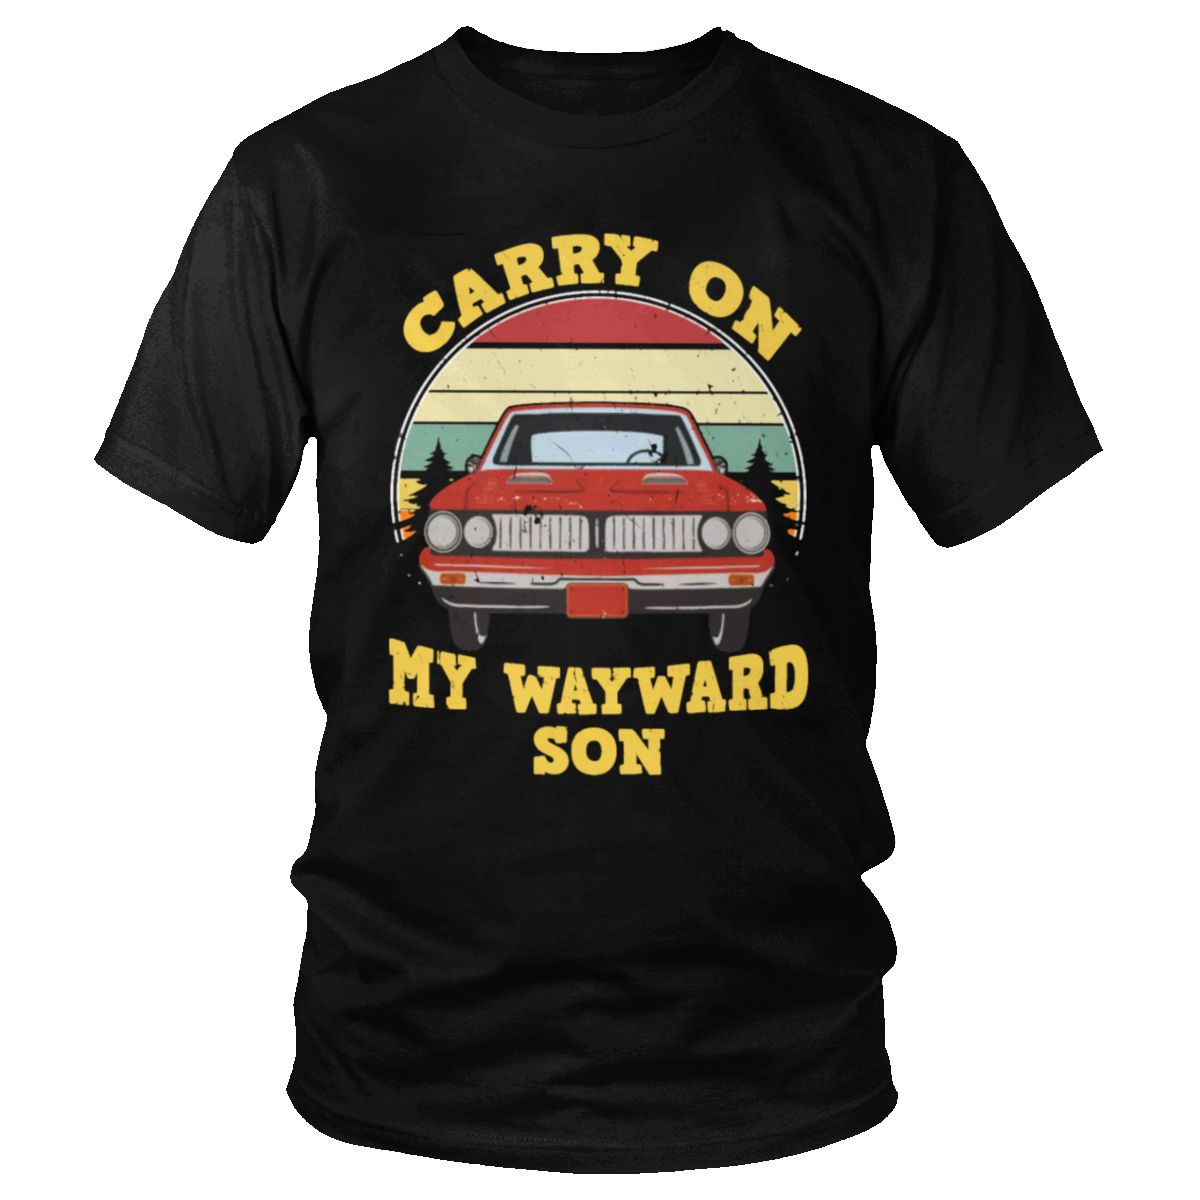 T-shirts sobrenaturais t-shirts masculinas do vintage carry on my wayward filho escuro heather único t algodão impresso vestuário presente ventilador topos